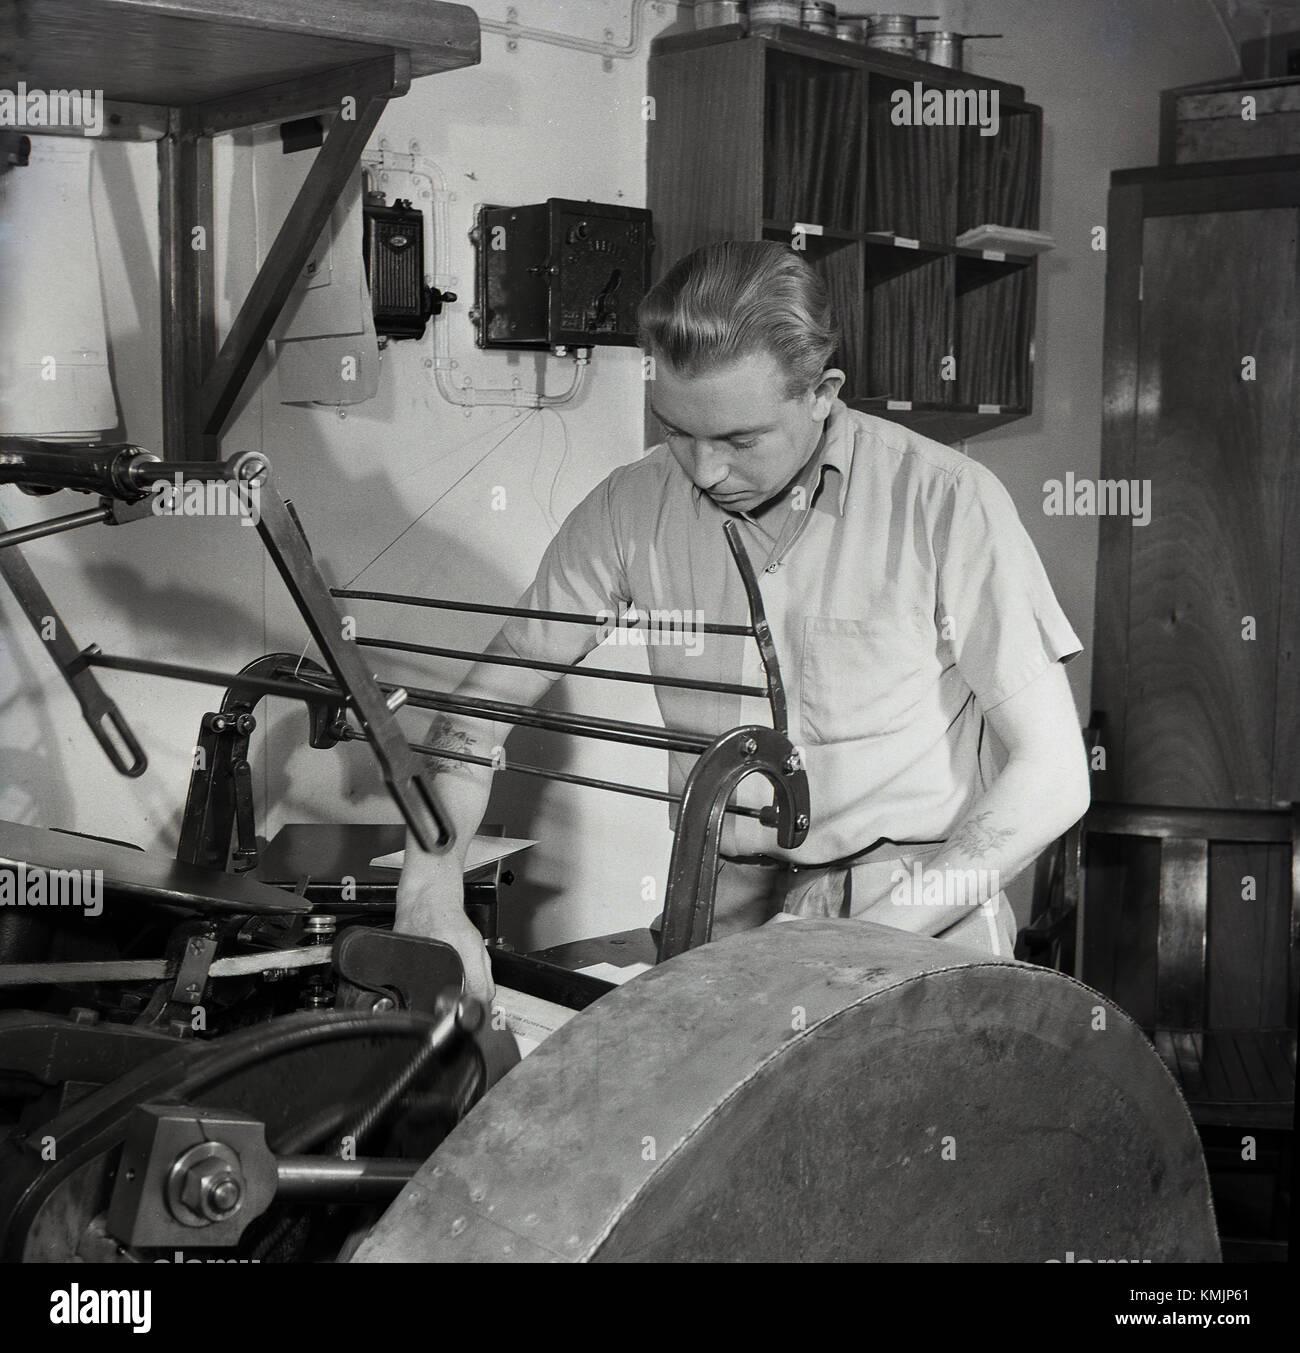 1950, historische, Arbeiten in der Druckzentrale auf einem union-castle mailship. Diese mailships lief von Großbritannien Stockbild